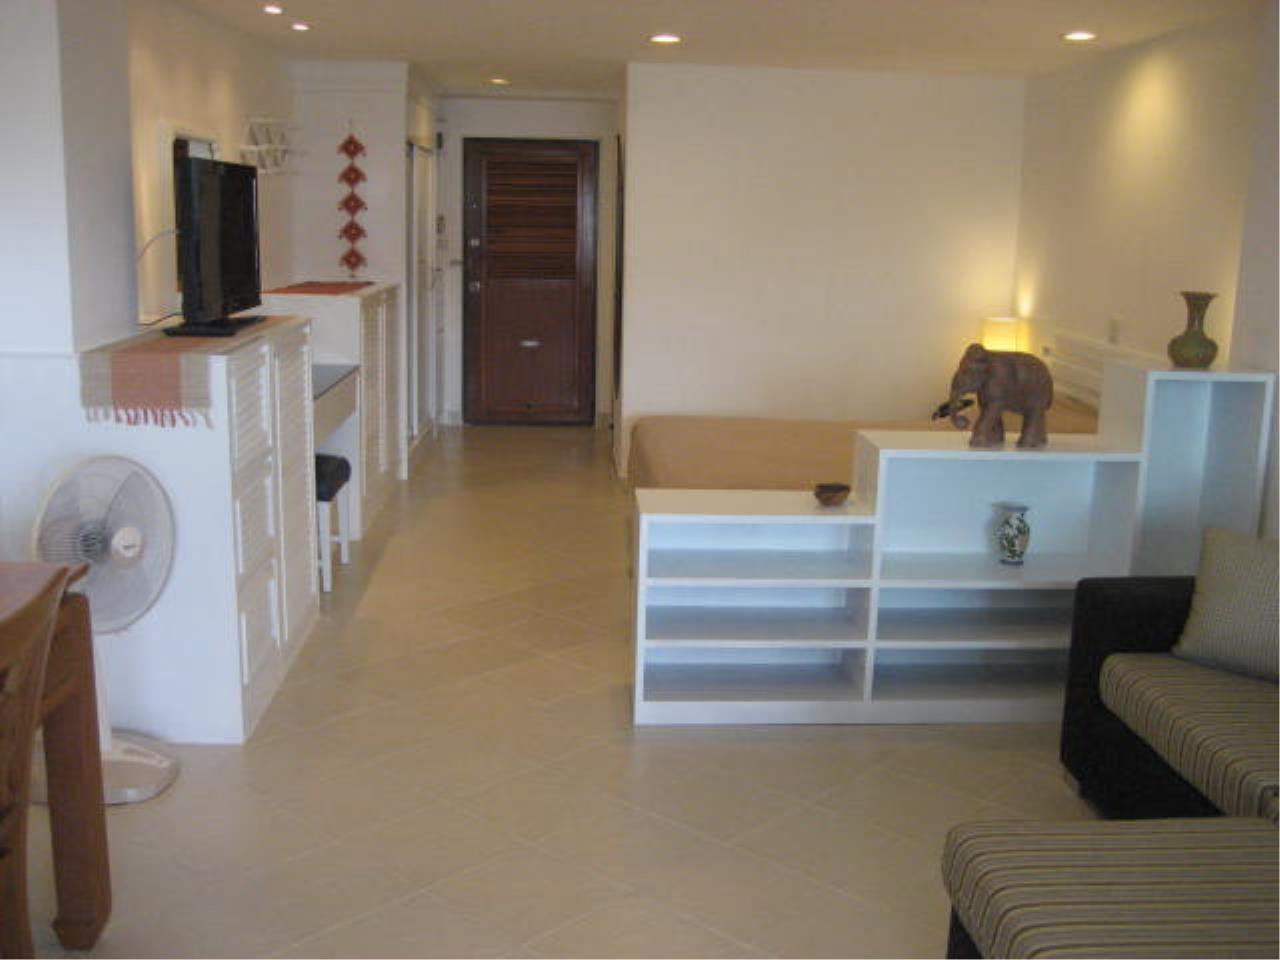 REAL Phuket  Agency's Phuket Palace - Investment Opportunity - 8% ROI 24